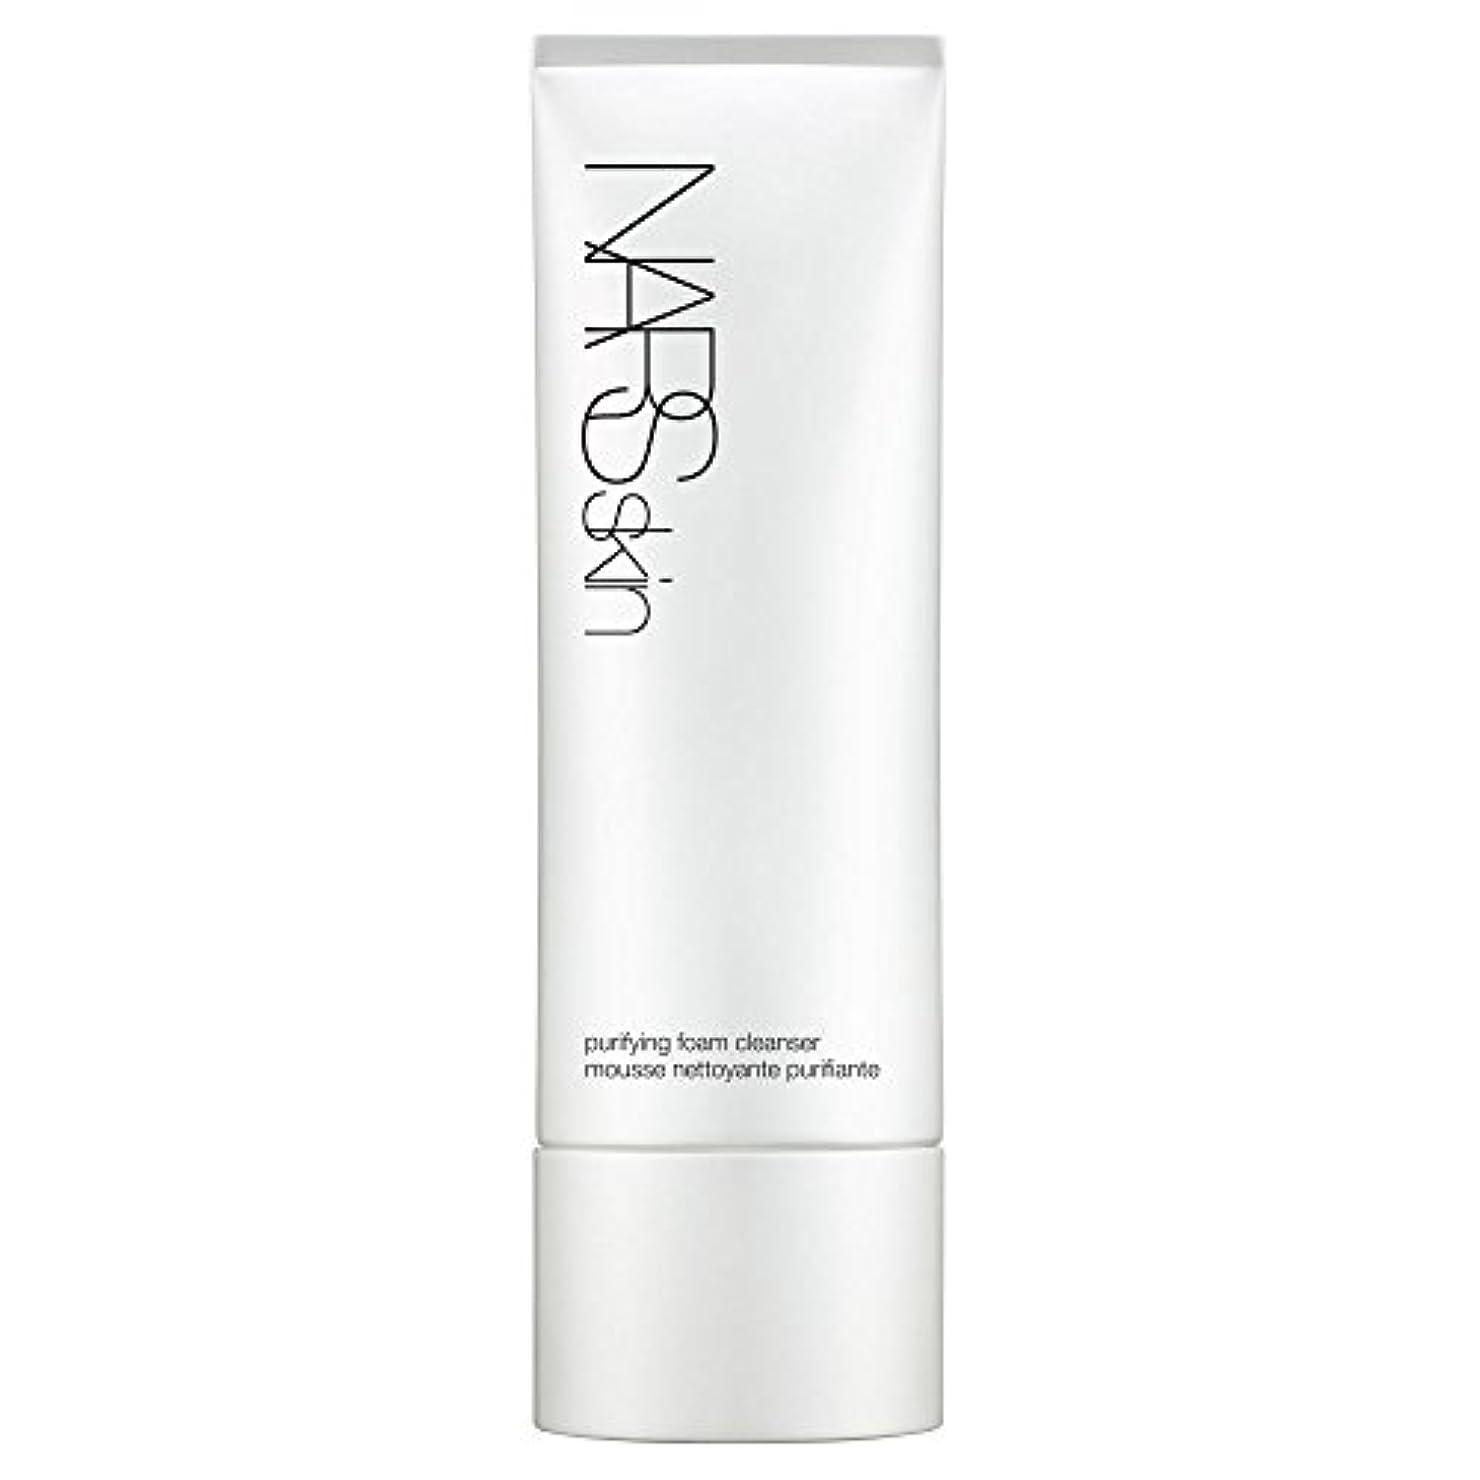 癒すジャーナリストブラウン[NARS] 125ミリリットルNarsskin浄化泡洗顔料、 - Narsskin Purifying Foam Cleanser, 125ml [並行輸入品]